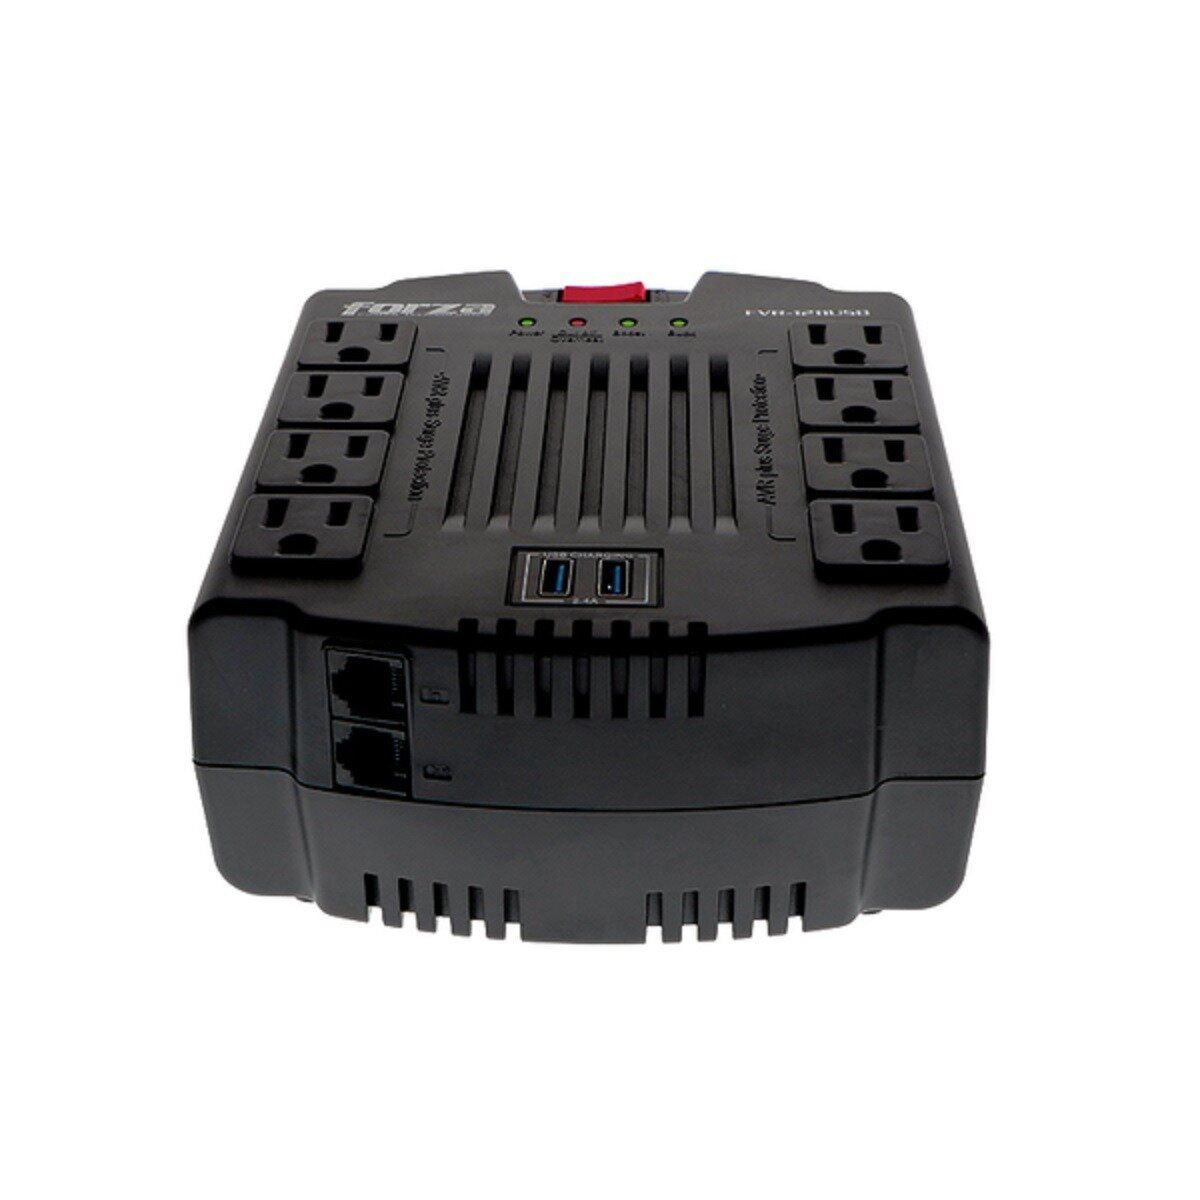 Regulador de voltaje Forza FVR-1211 usb